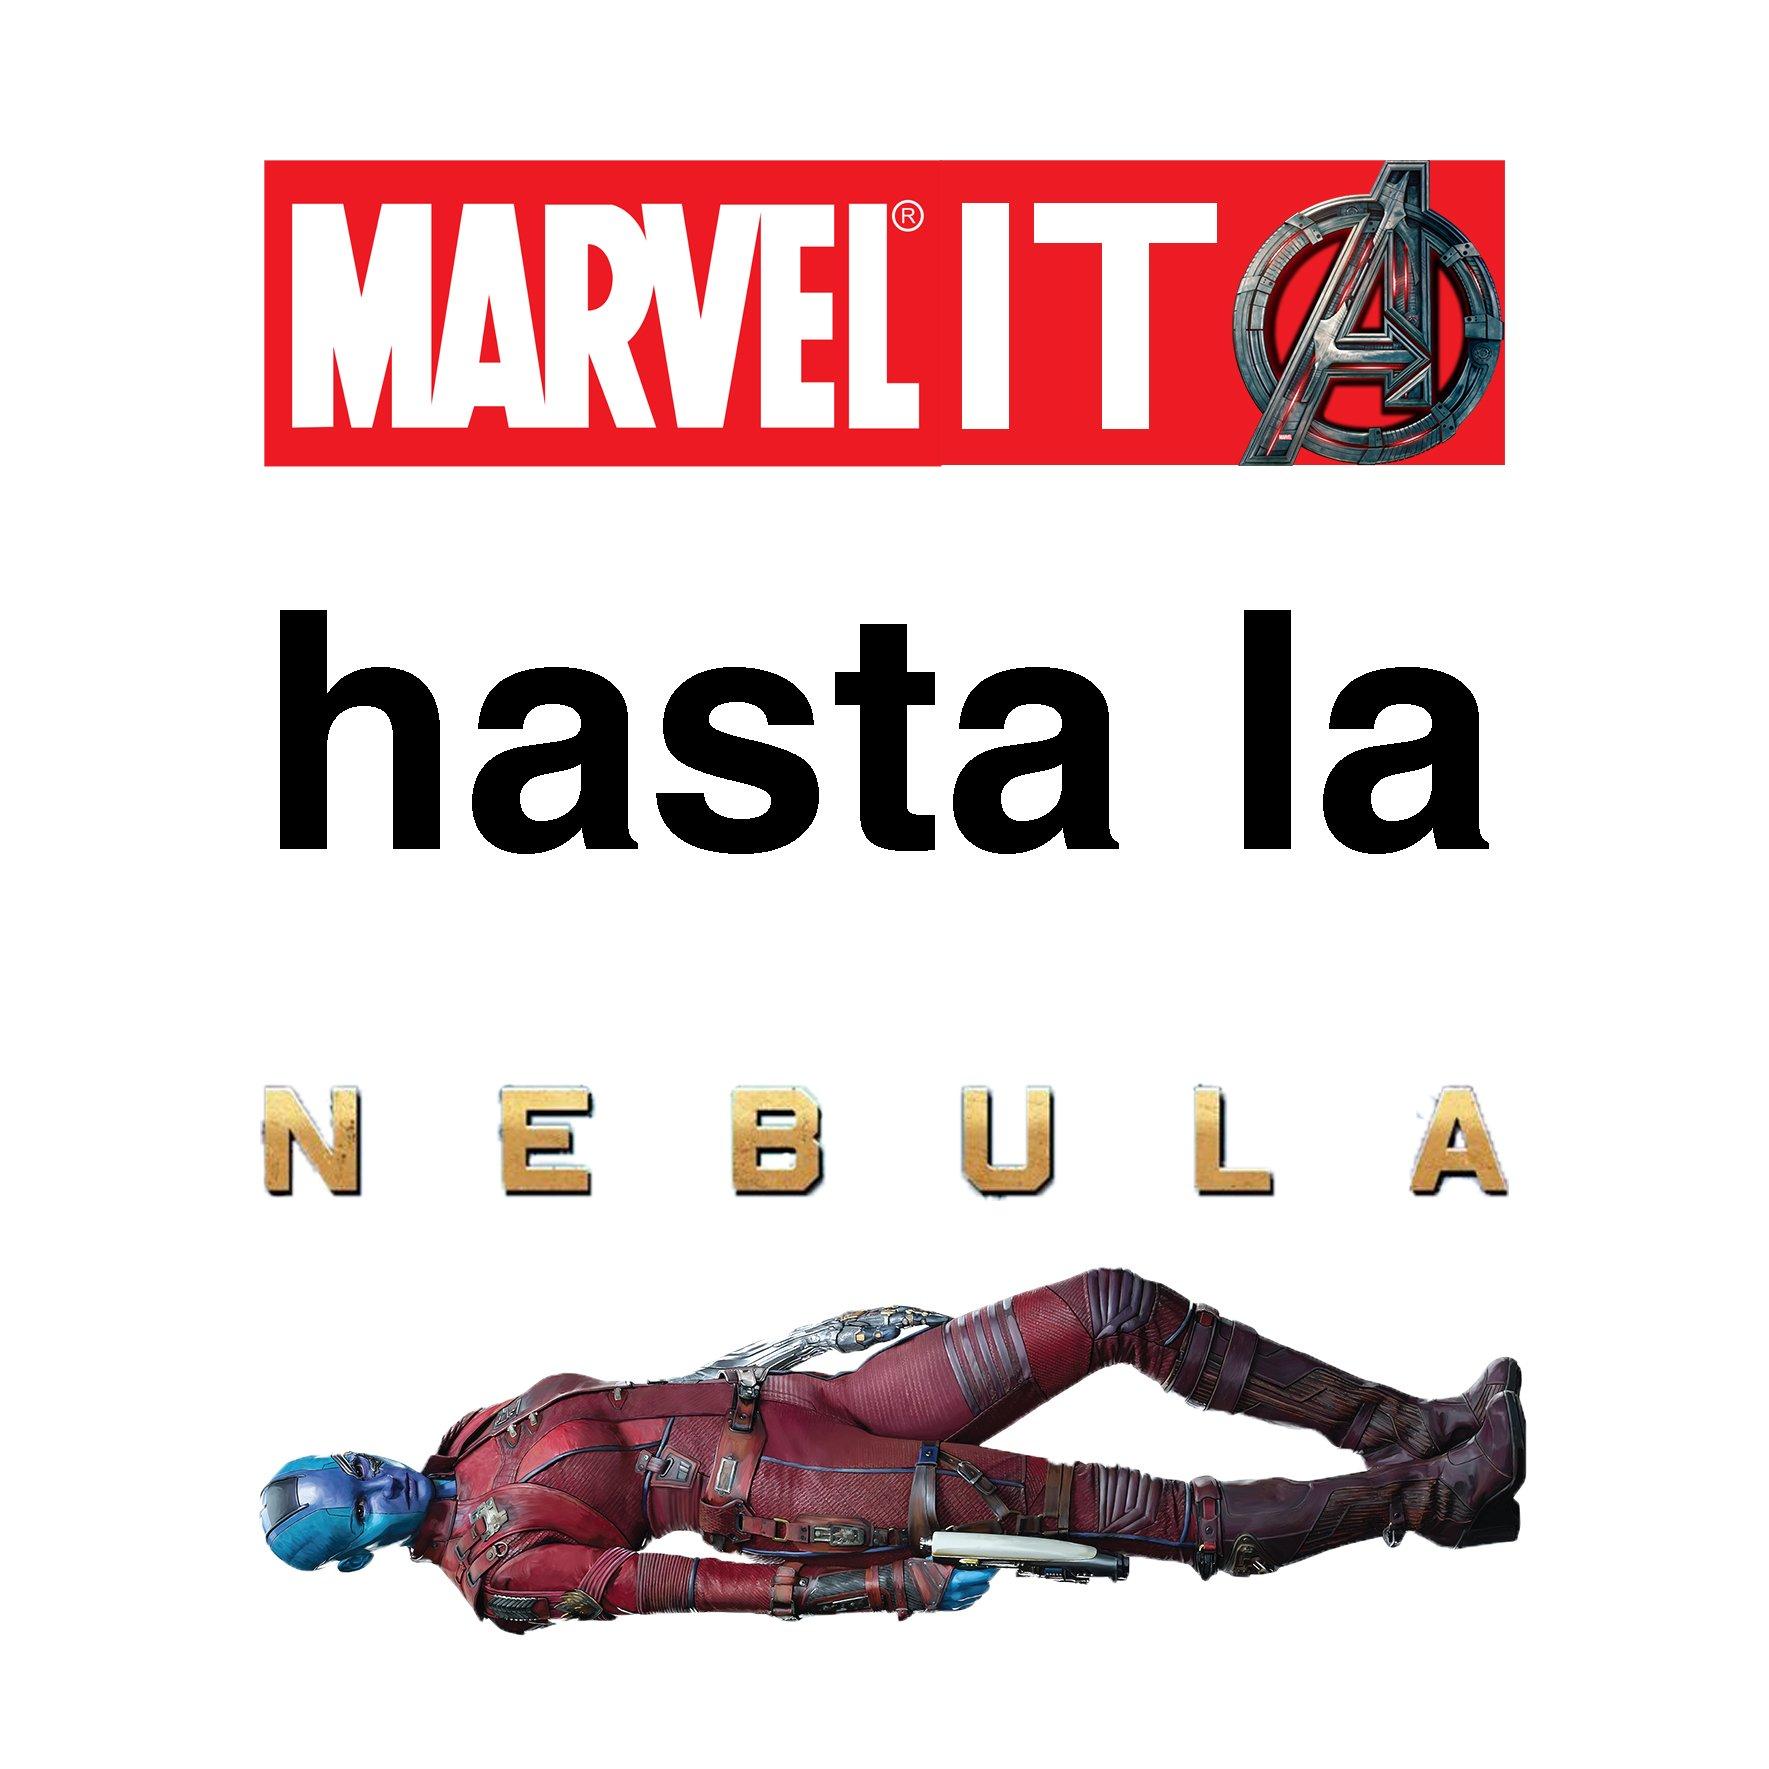 Marvelita hasta la Nébula